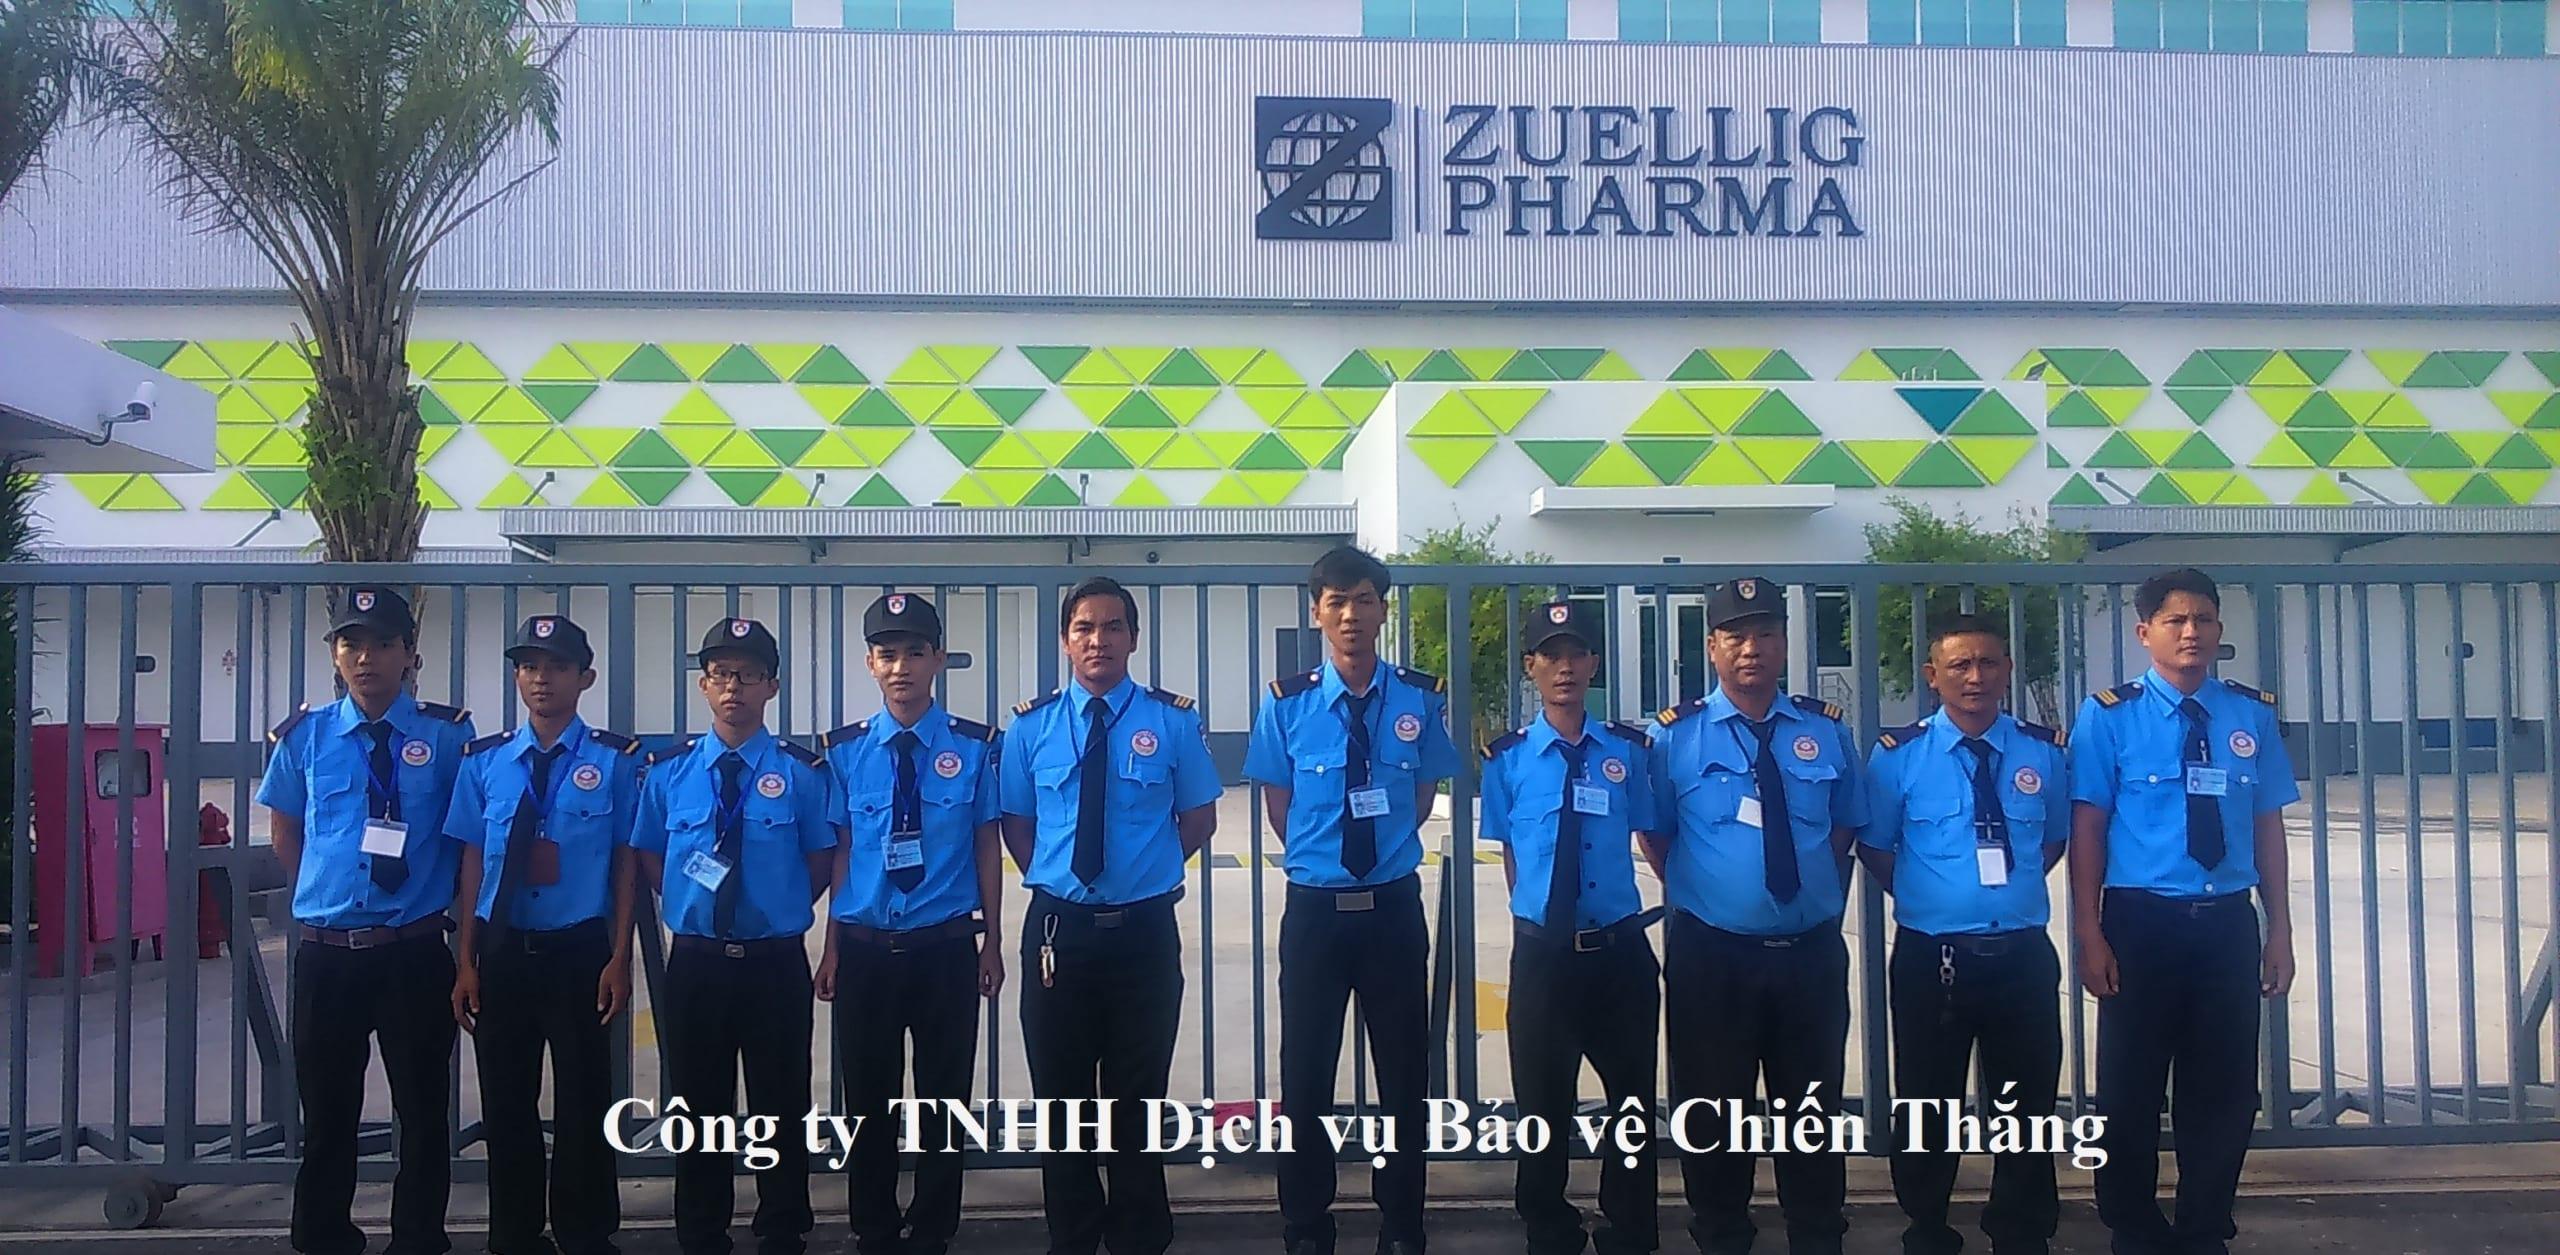 Công ty bảo vệ Quận Gò Vấp - Chiến Thắng